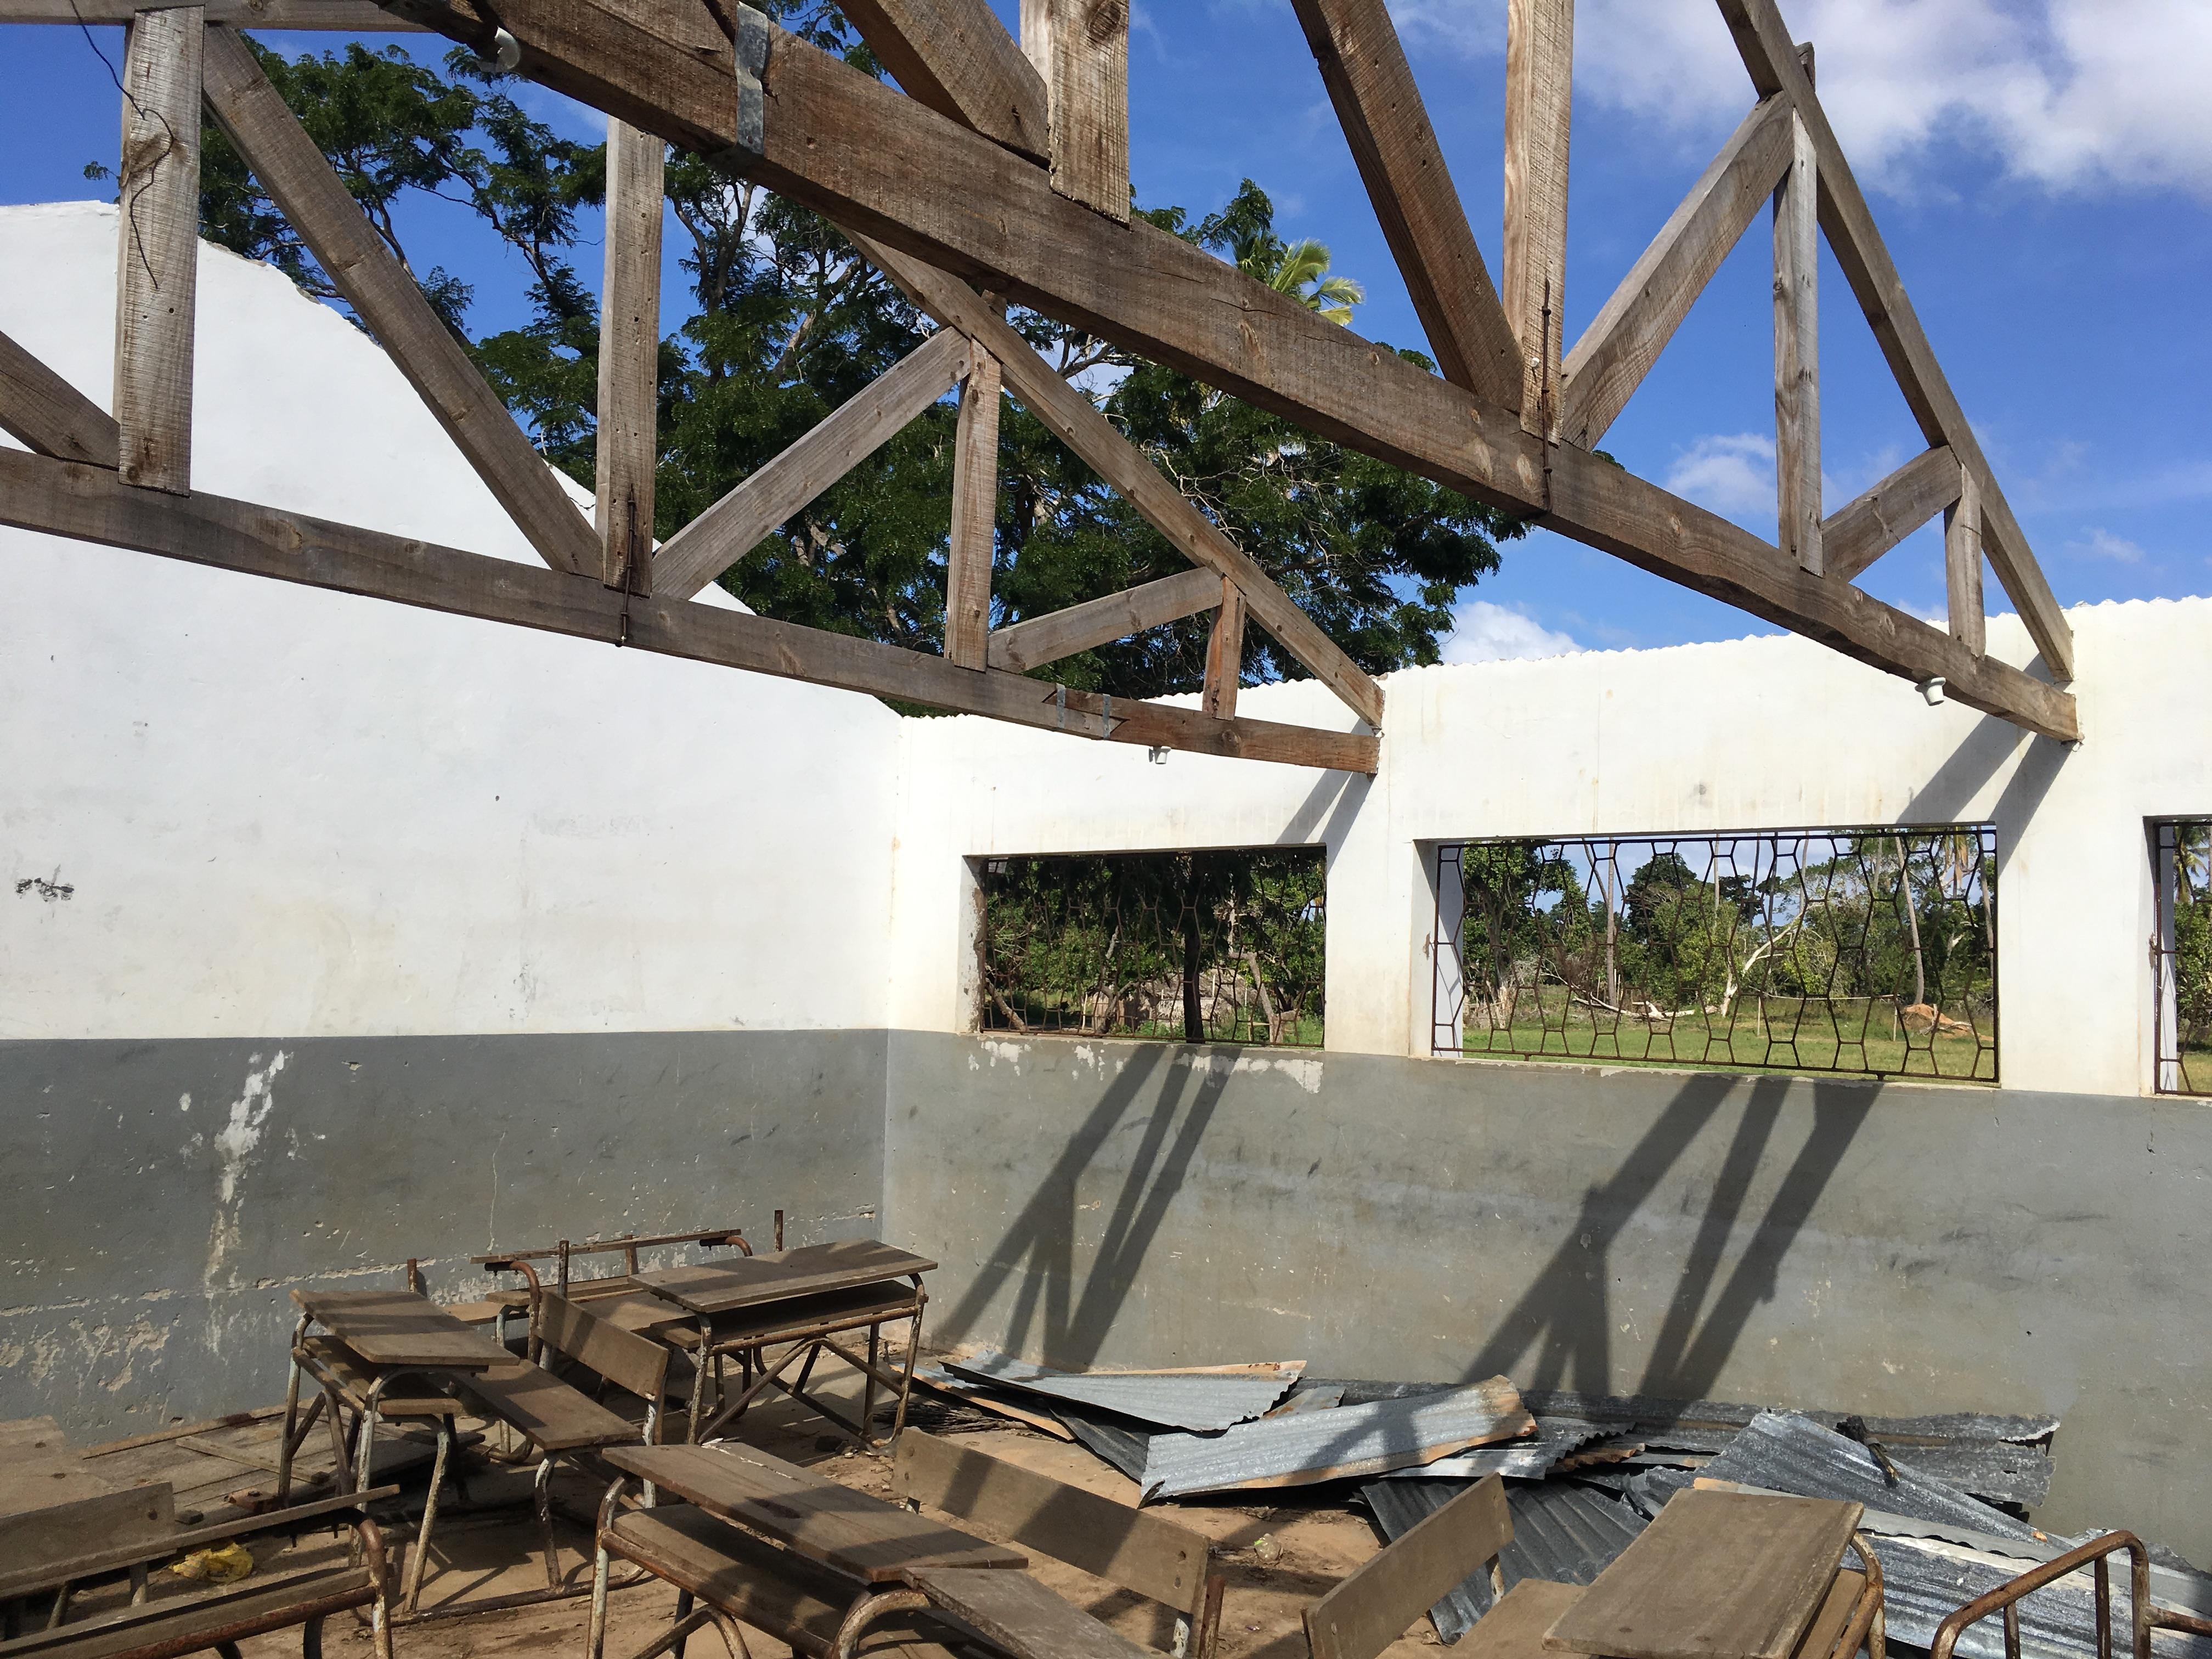 Reconstrucció De 50 Aules Ubicades En Escoles Dels Districtes De Maxixe I Massinga